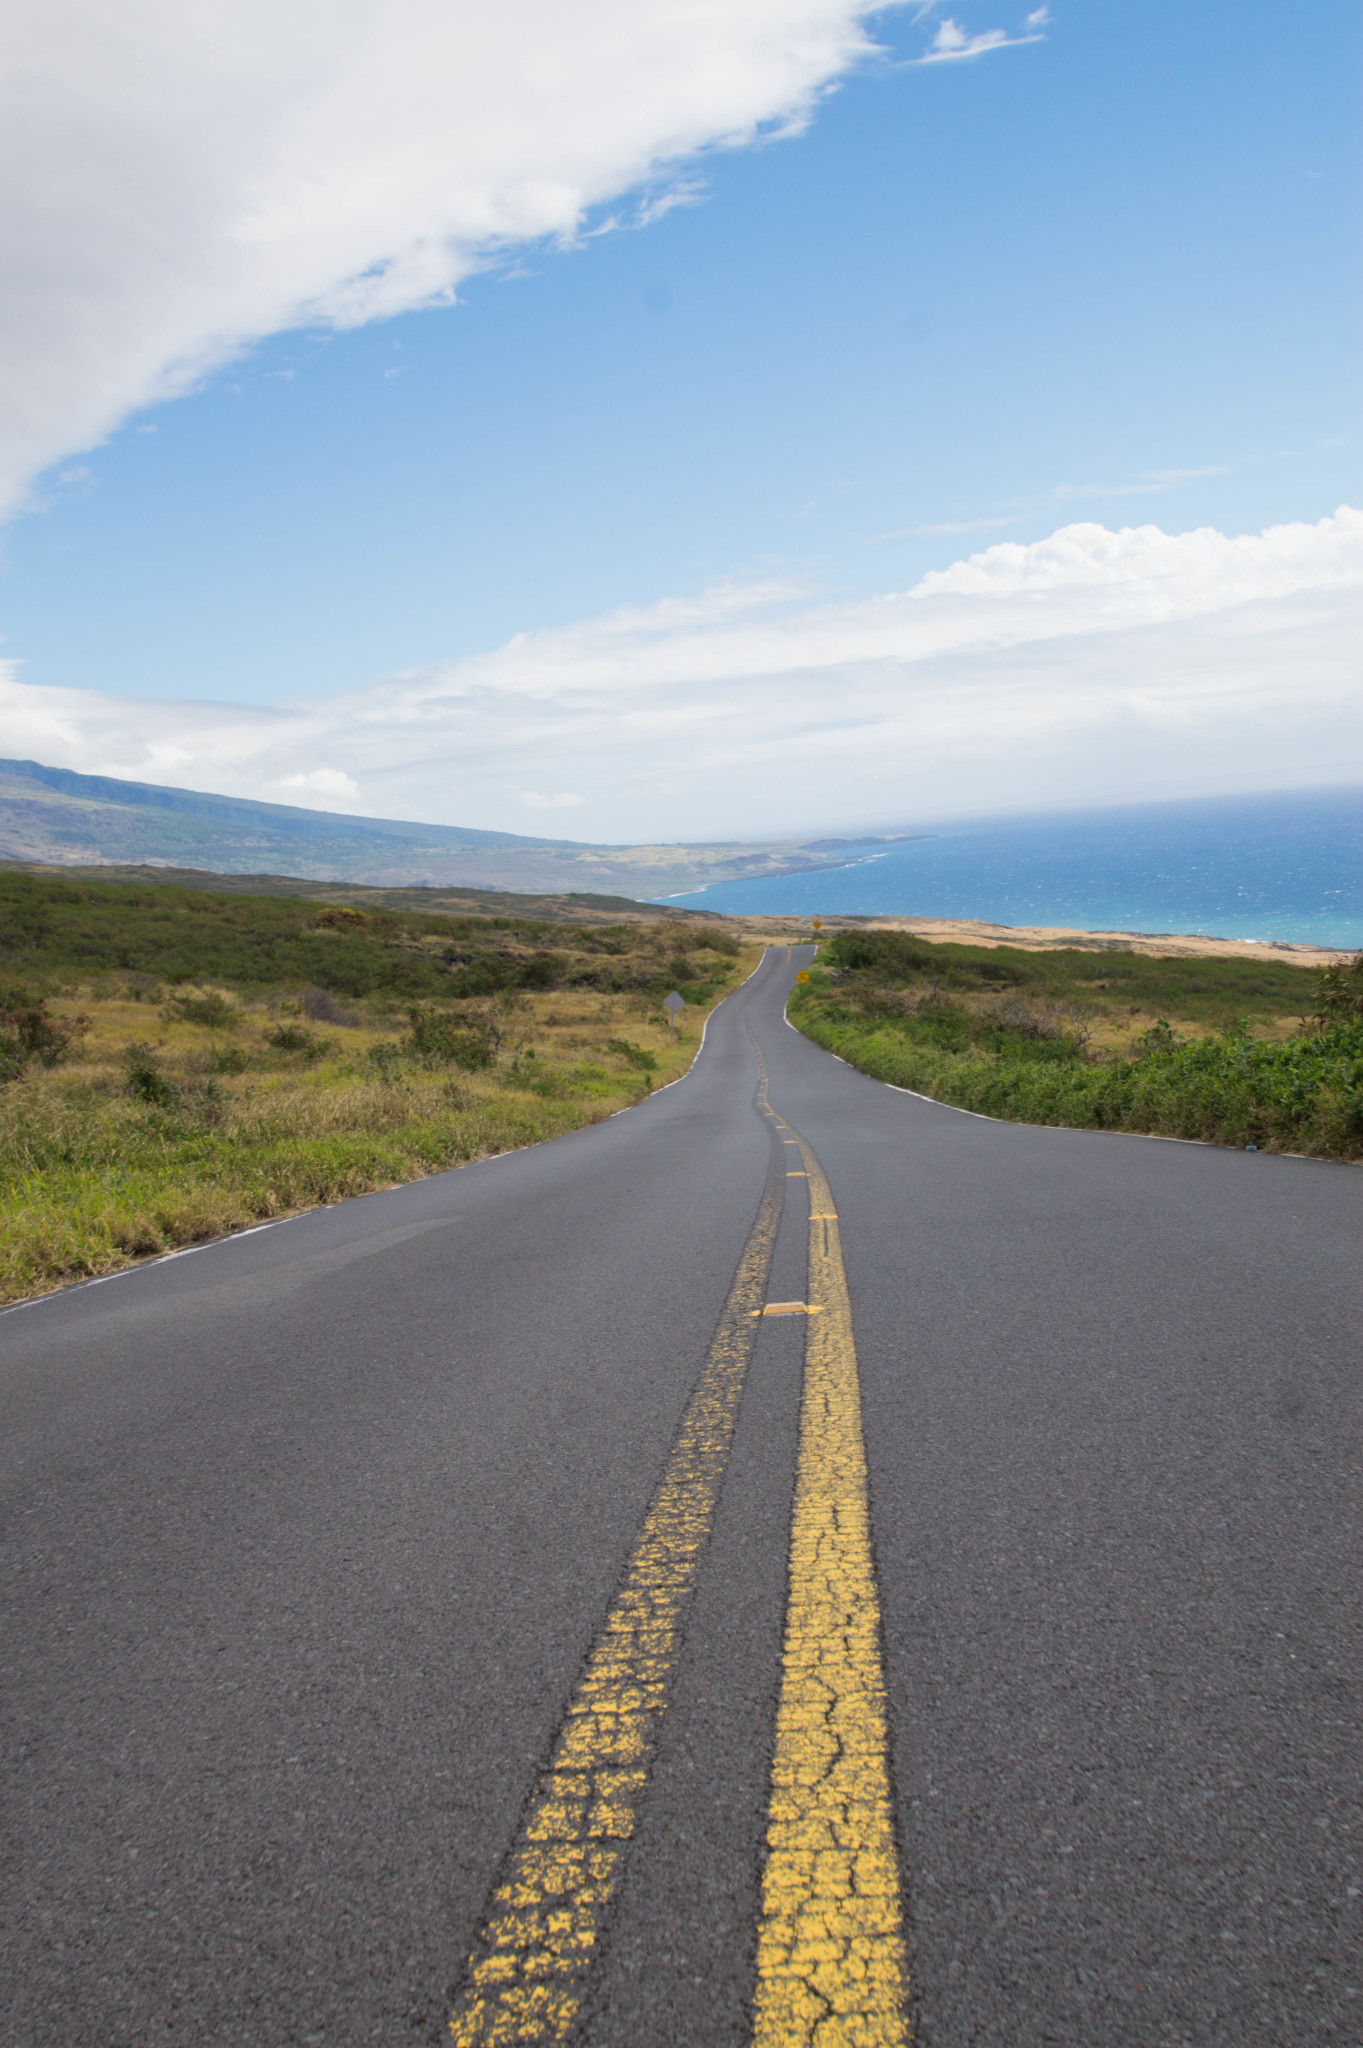 Endlose Weite beim Roadtrip auf den Straßen von Hawaii